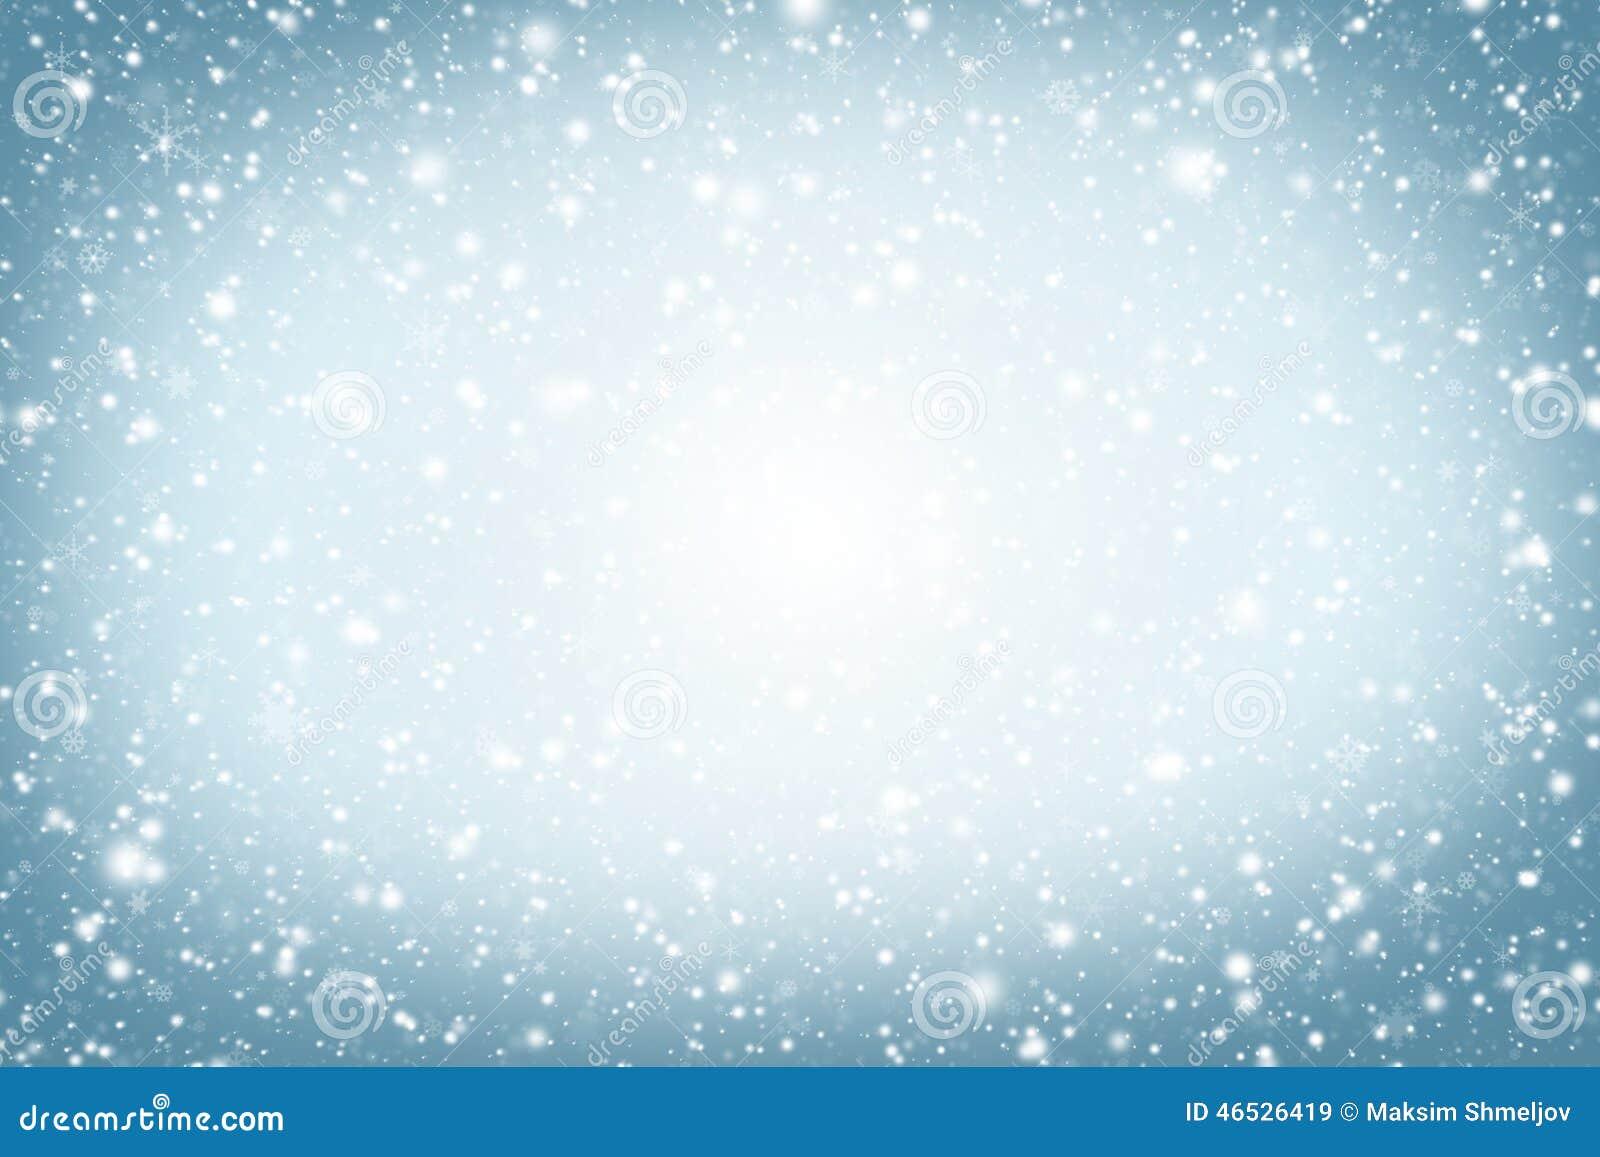 Eccezionale Priorità Bassa Di Natale Cielo, Fiocchi Di Neve E Stelle Di  OJ74